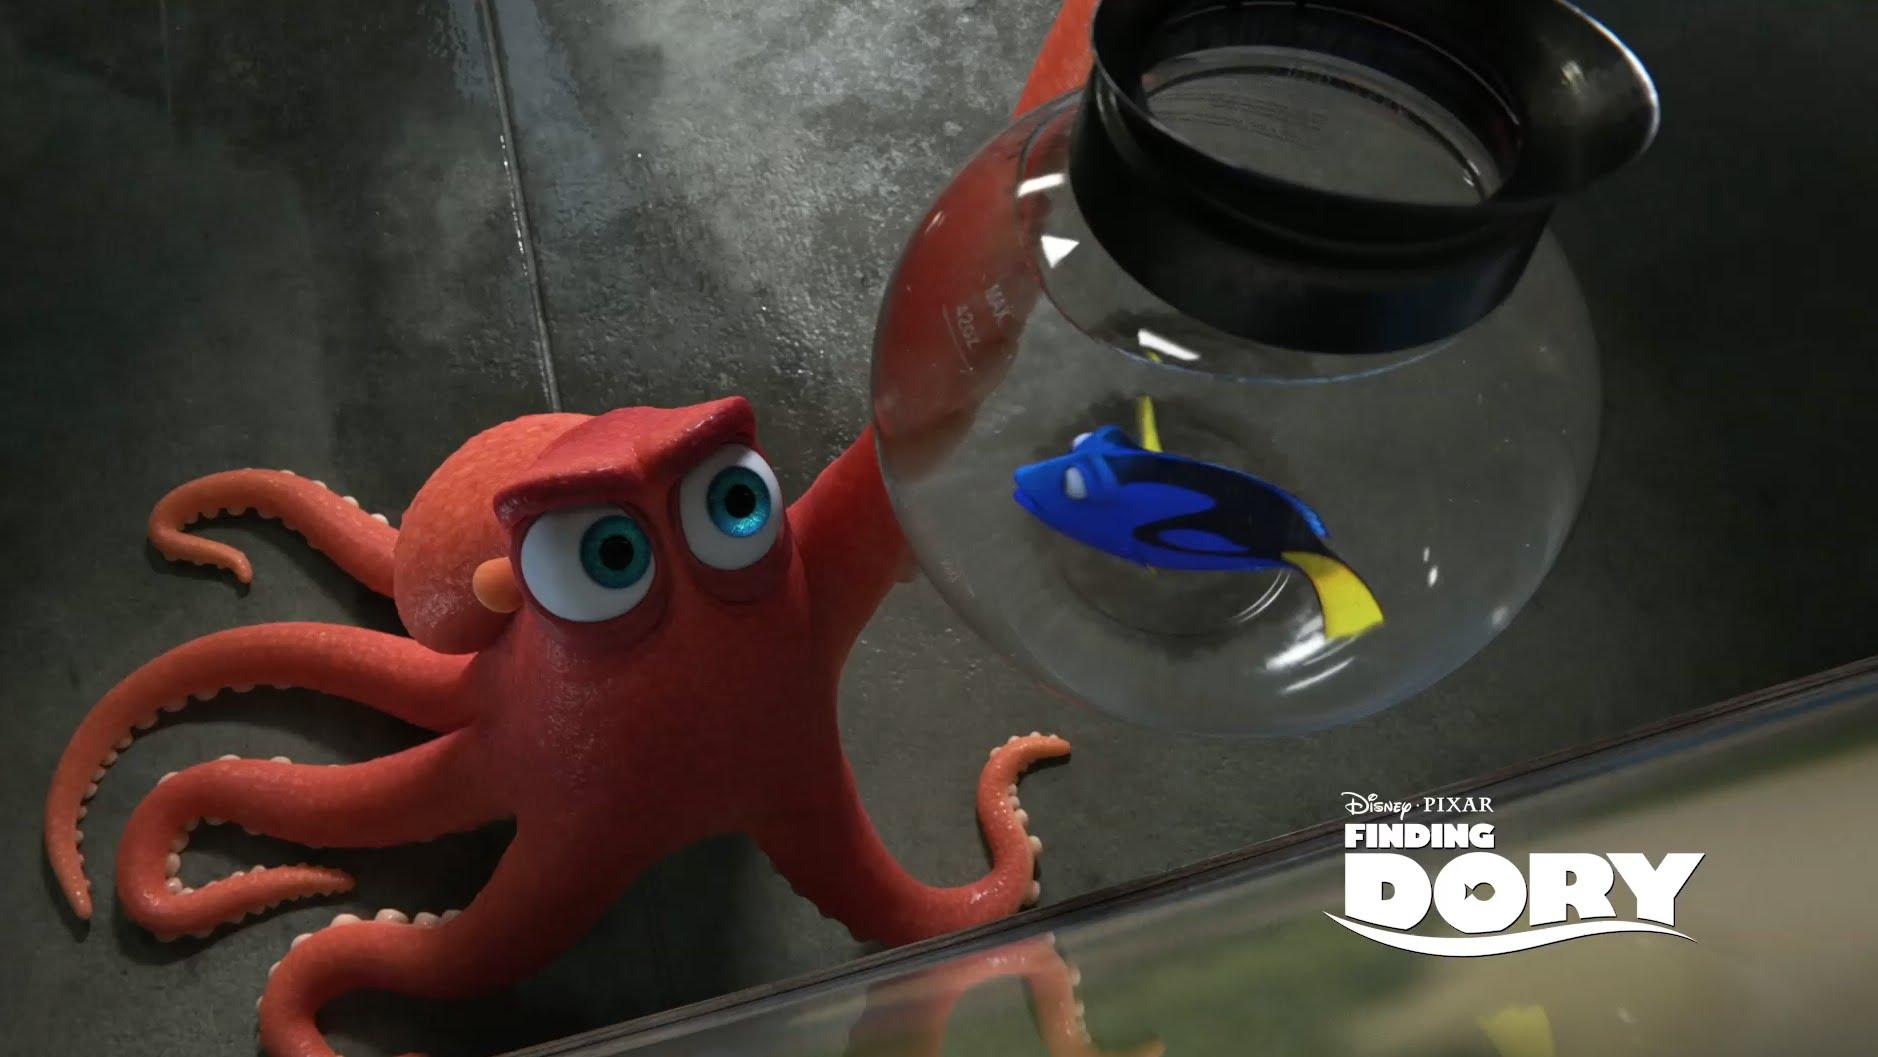 Pixar Dvoile Un Vieux Personnage Connu Dans Le Monde De Dory